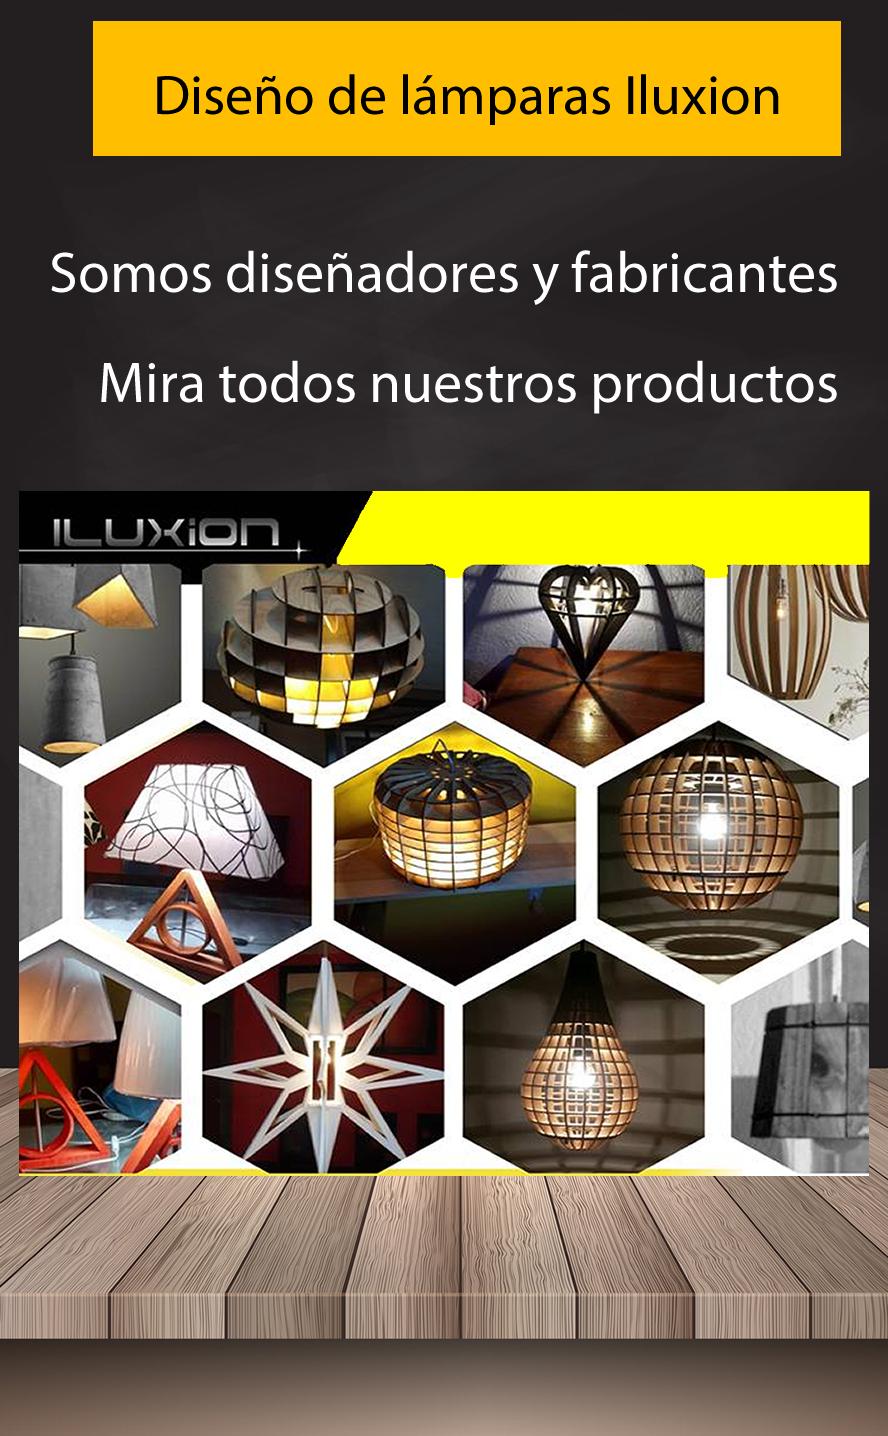 Diseño de lámparas Iluxion